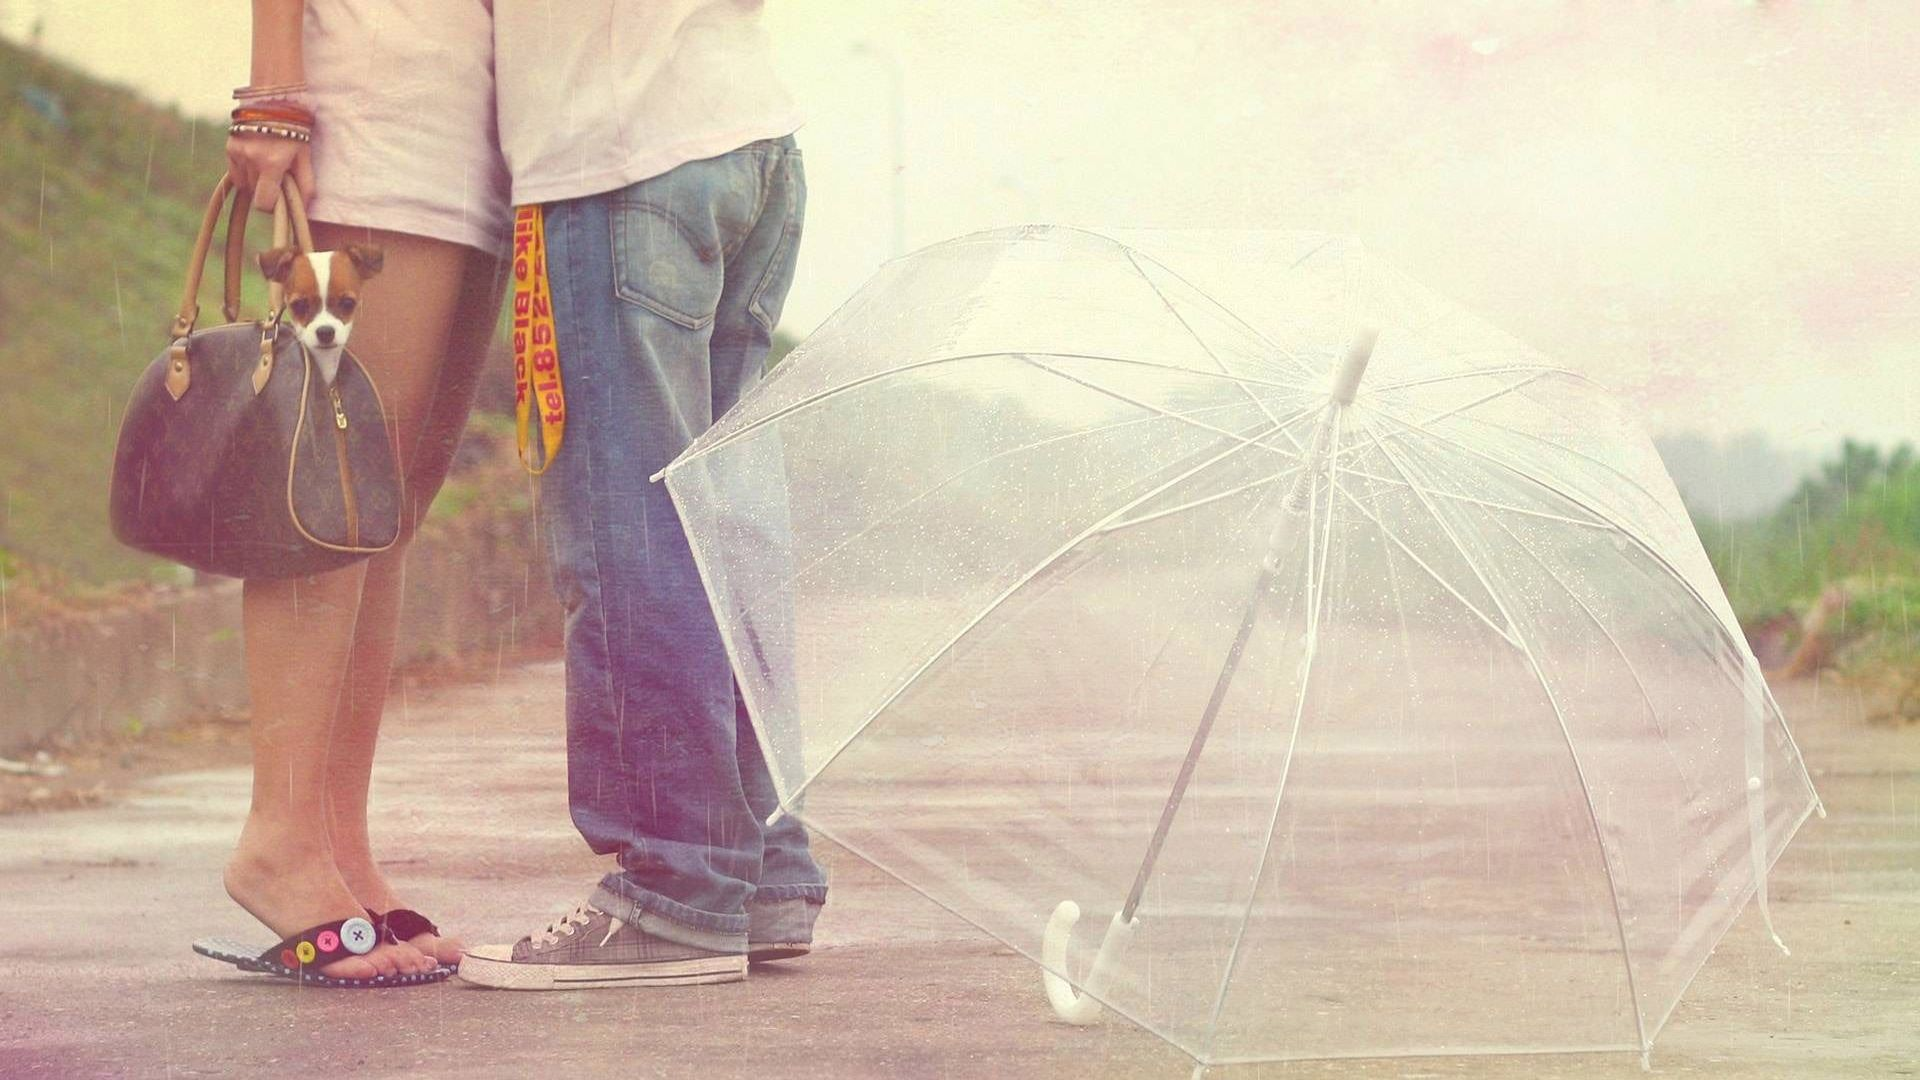 hd hintergrundbilder paar romantisch valentinstag regen regenschirm hund 1920x1080